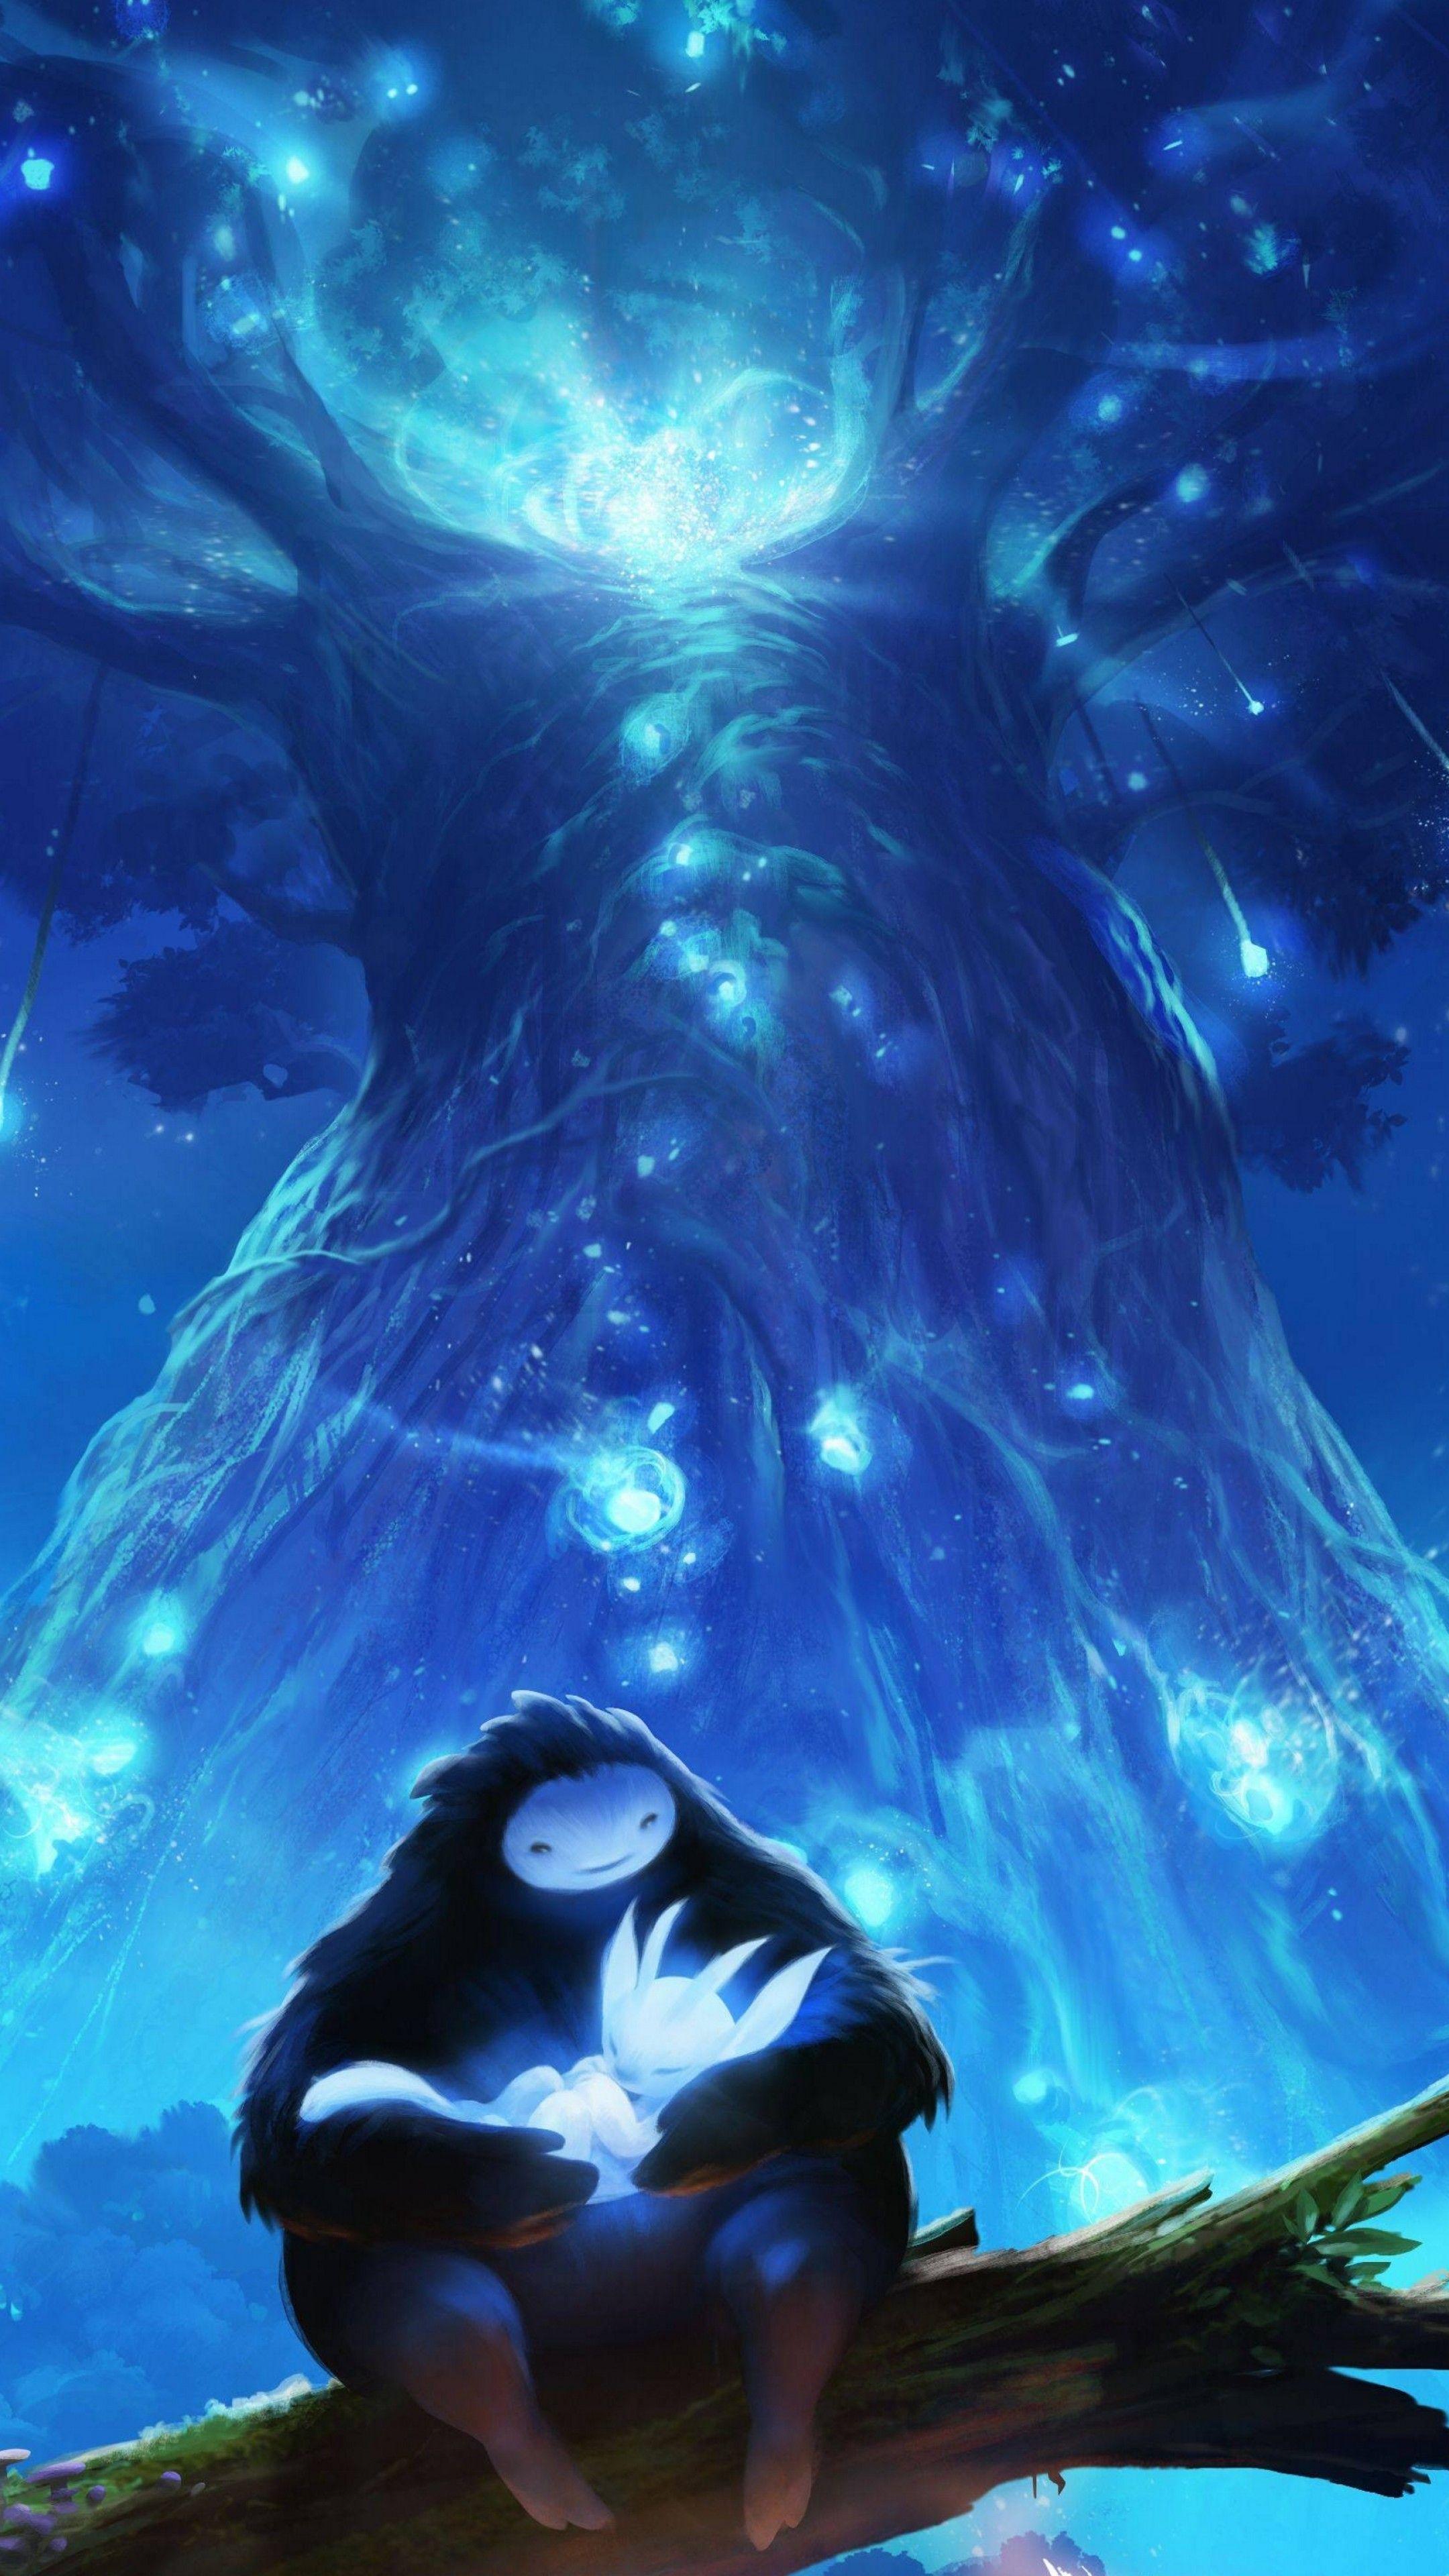 Wallpaper Tom Clancys The Division 2, E3 2018, artwork